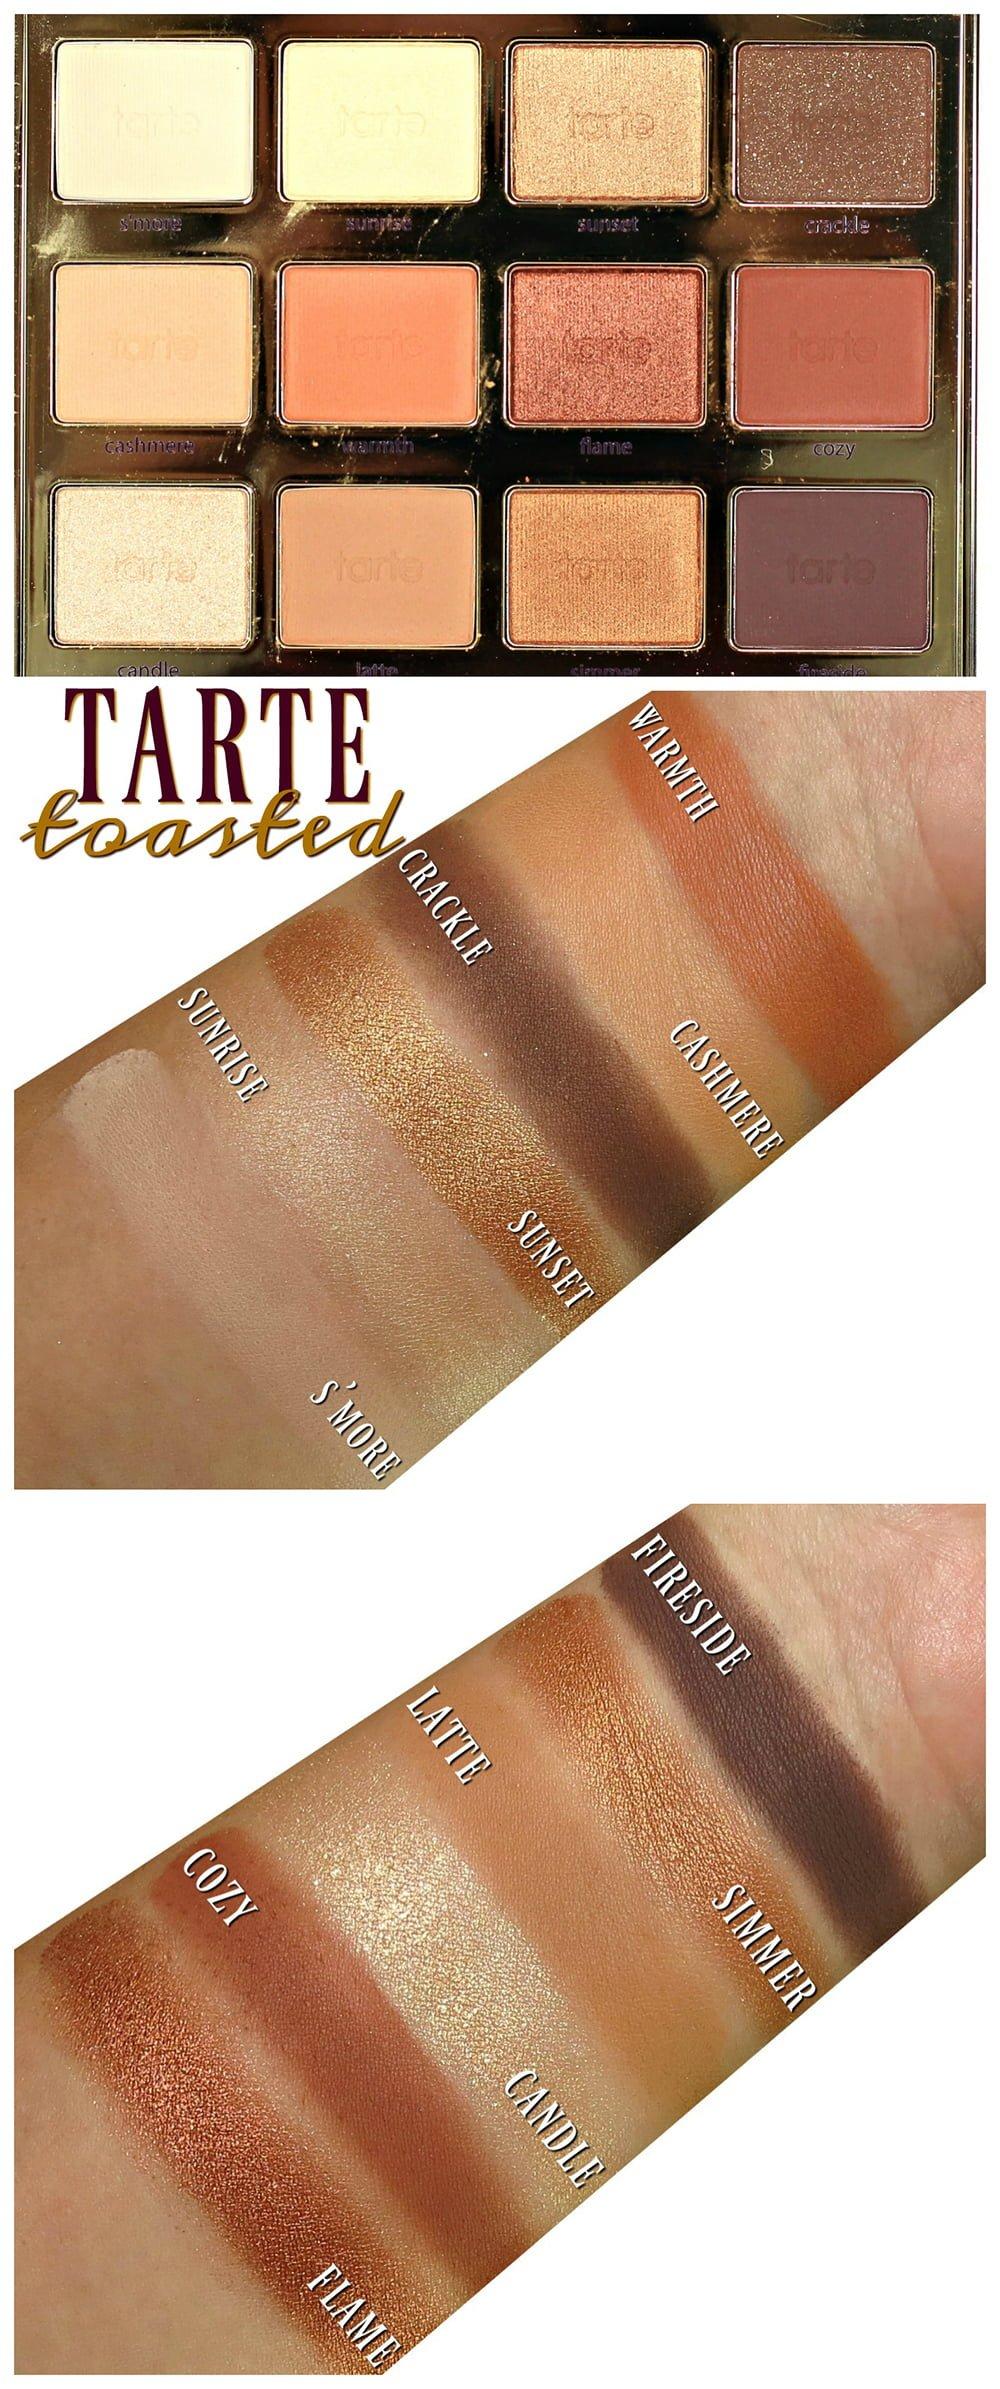 Tartelette Amazonian Clay Matte Palette by Tarte #15